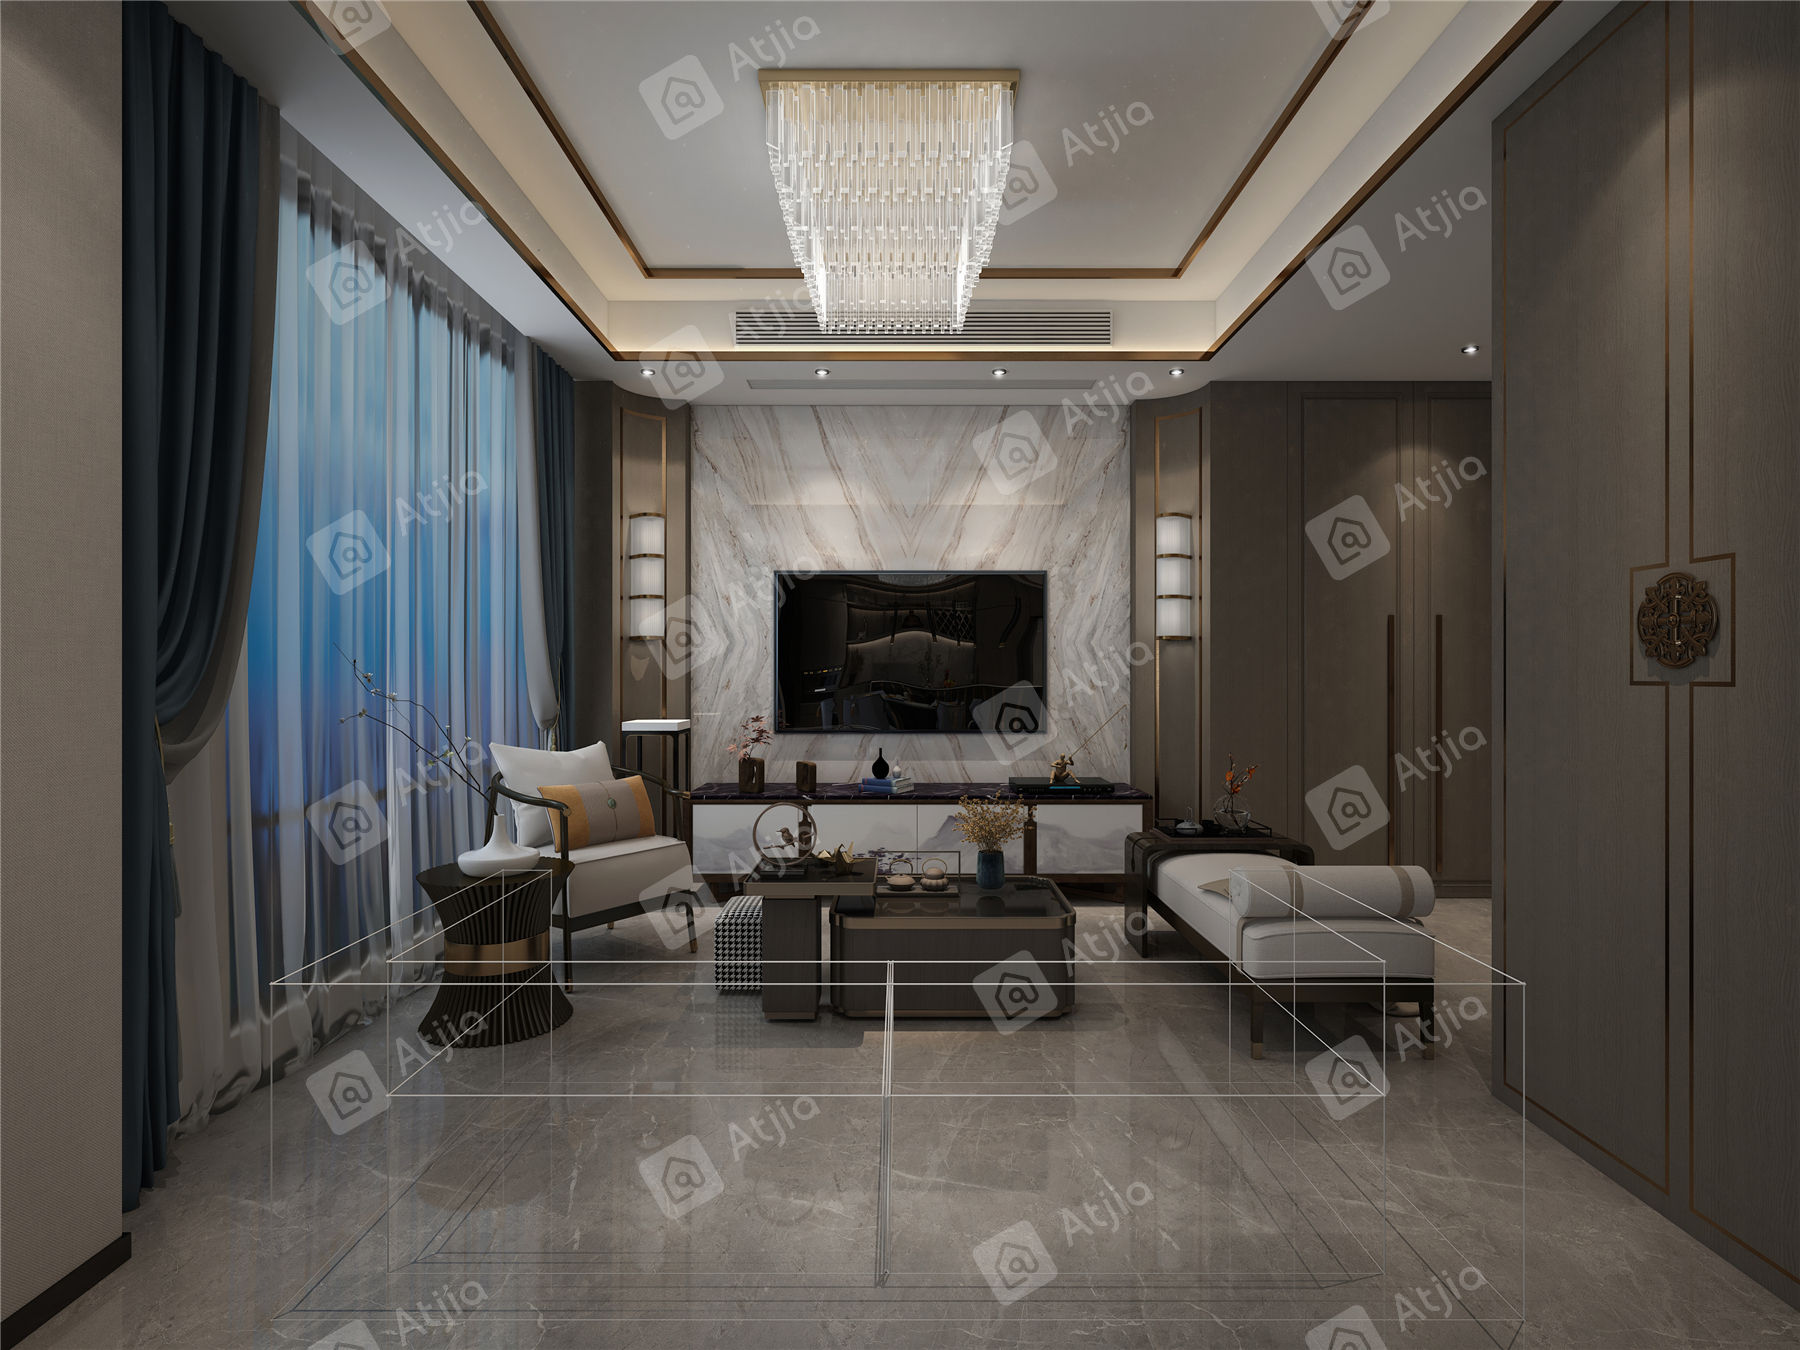 万濠瑜园 现代简约装修客厅效果图